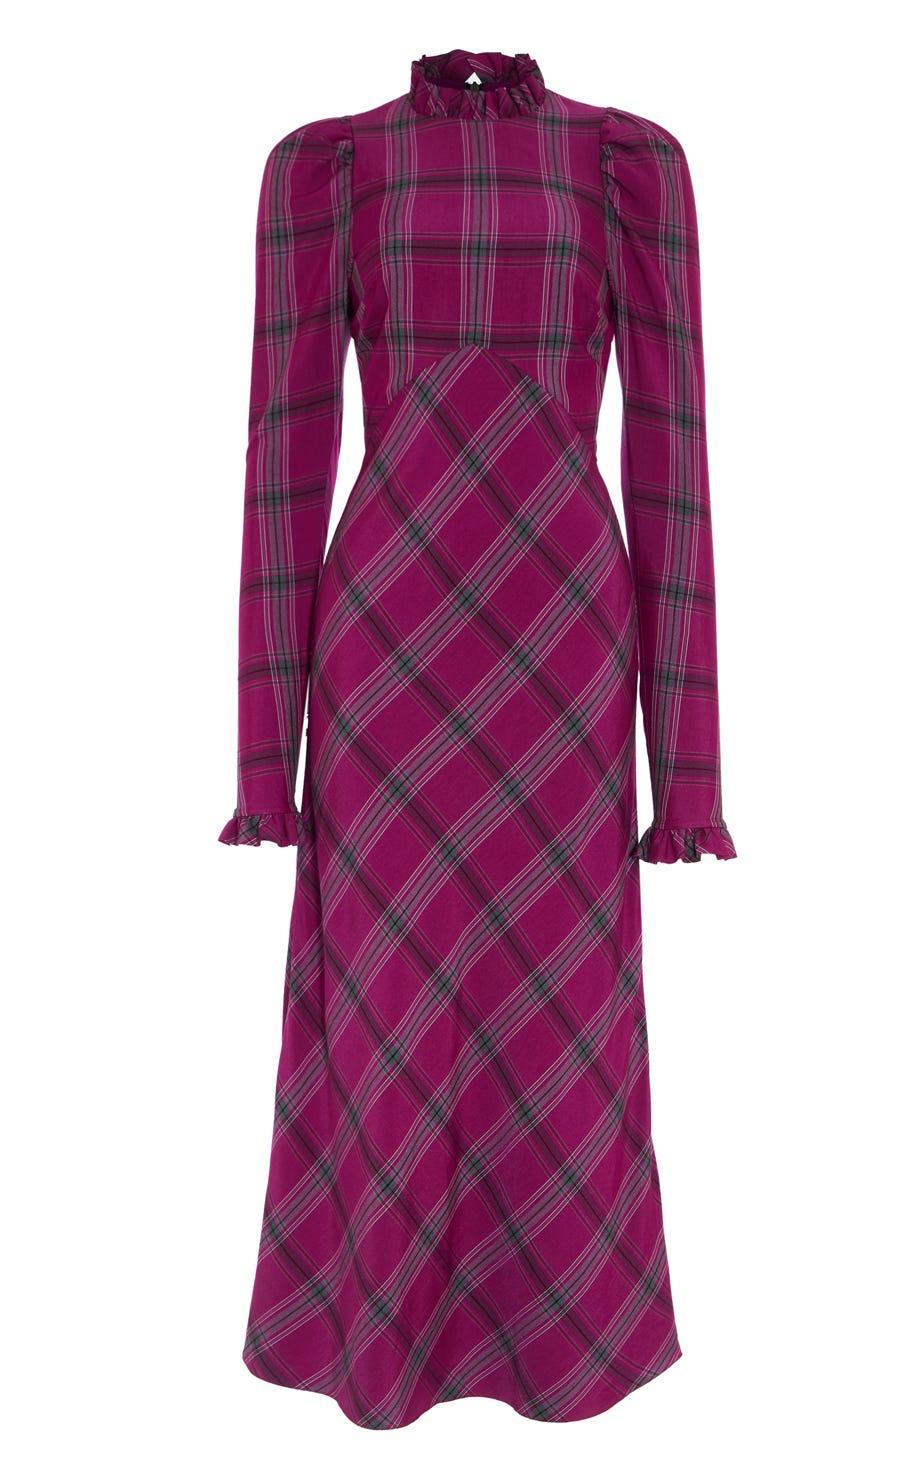 Isobel Check Dress